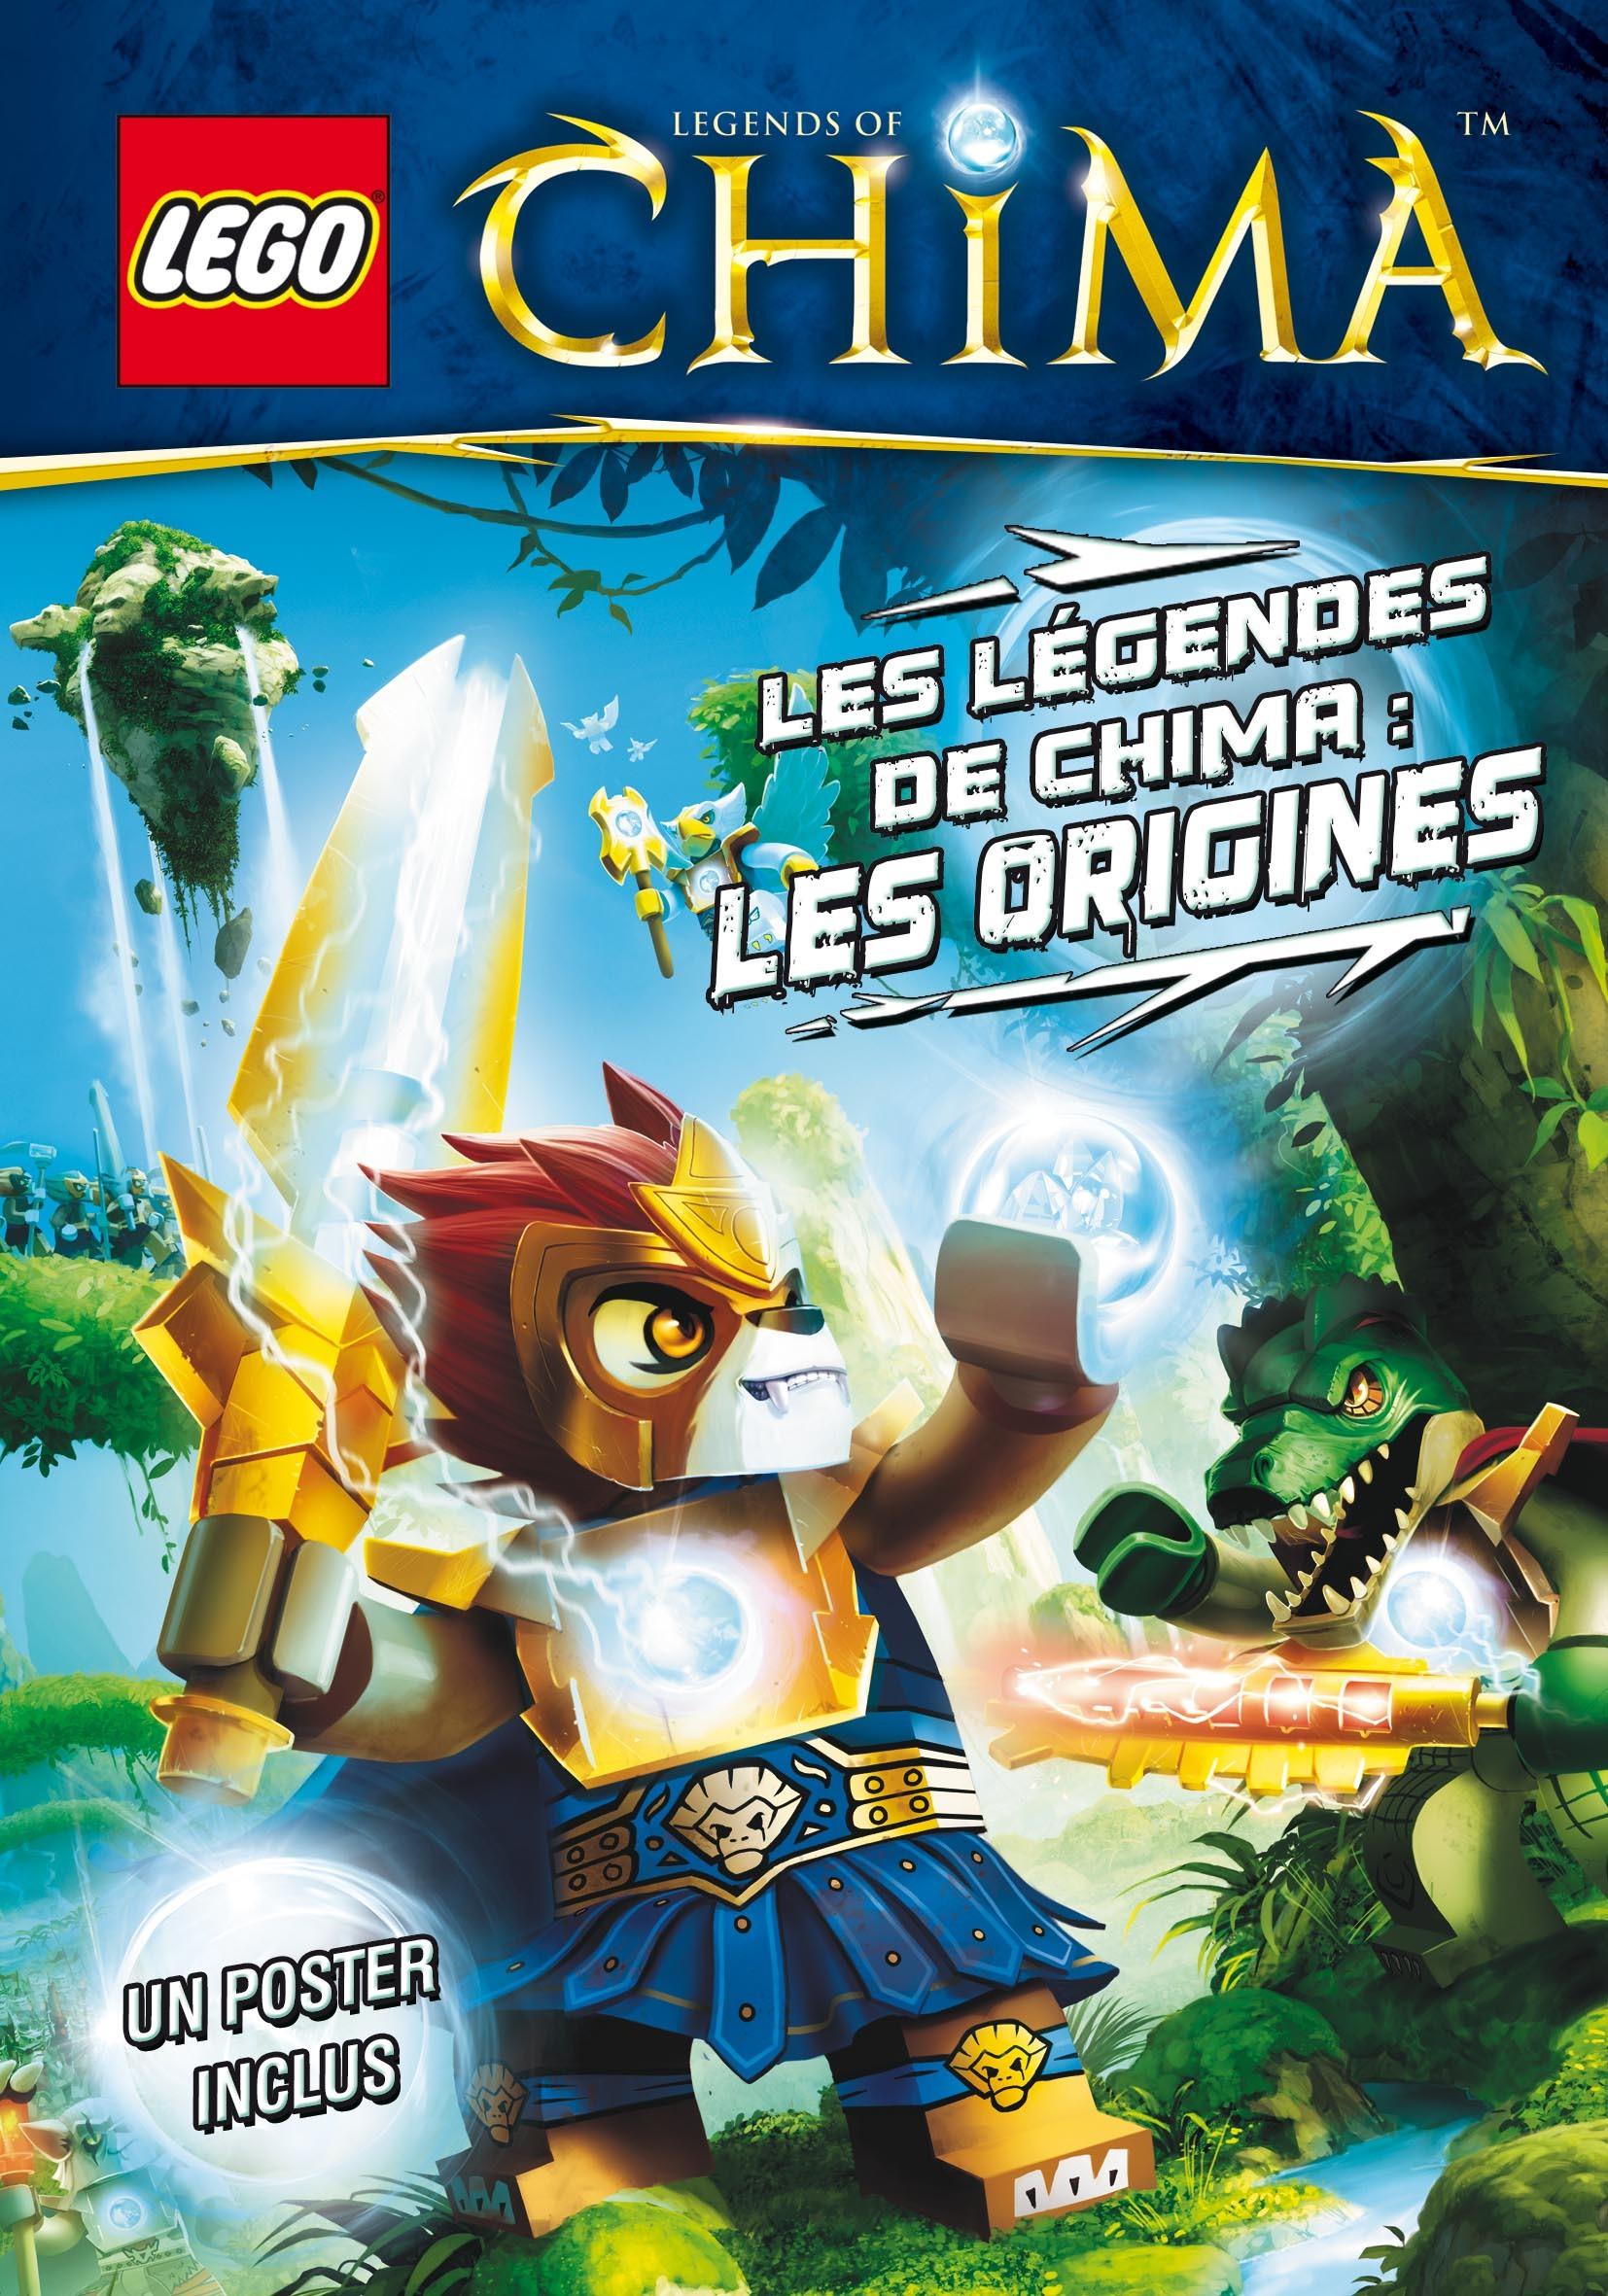 LEGO LEGEND OF CHIMA, LES ORIGINES